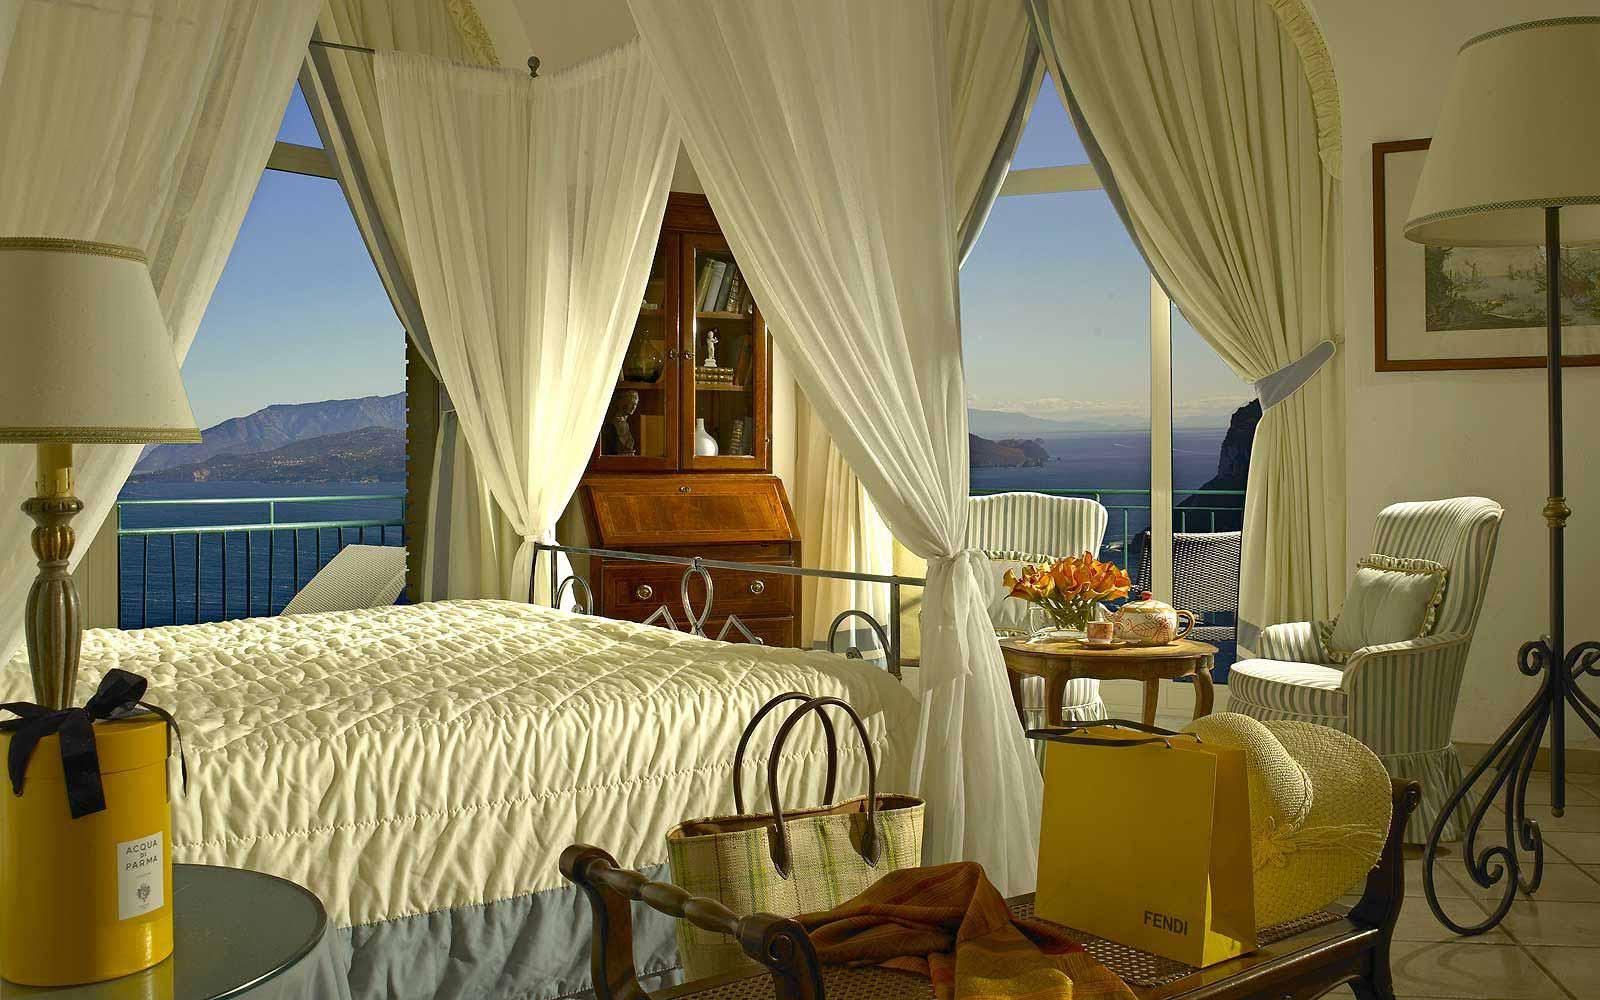 Tiberius suite at Hotel Caesar Augustus